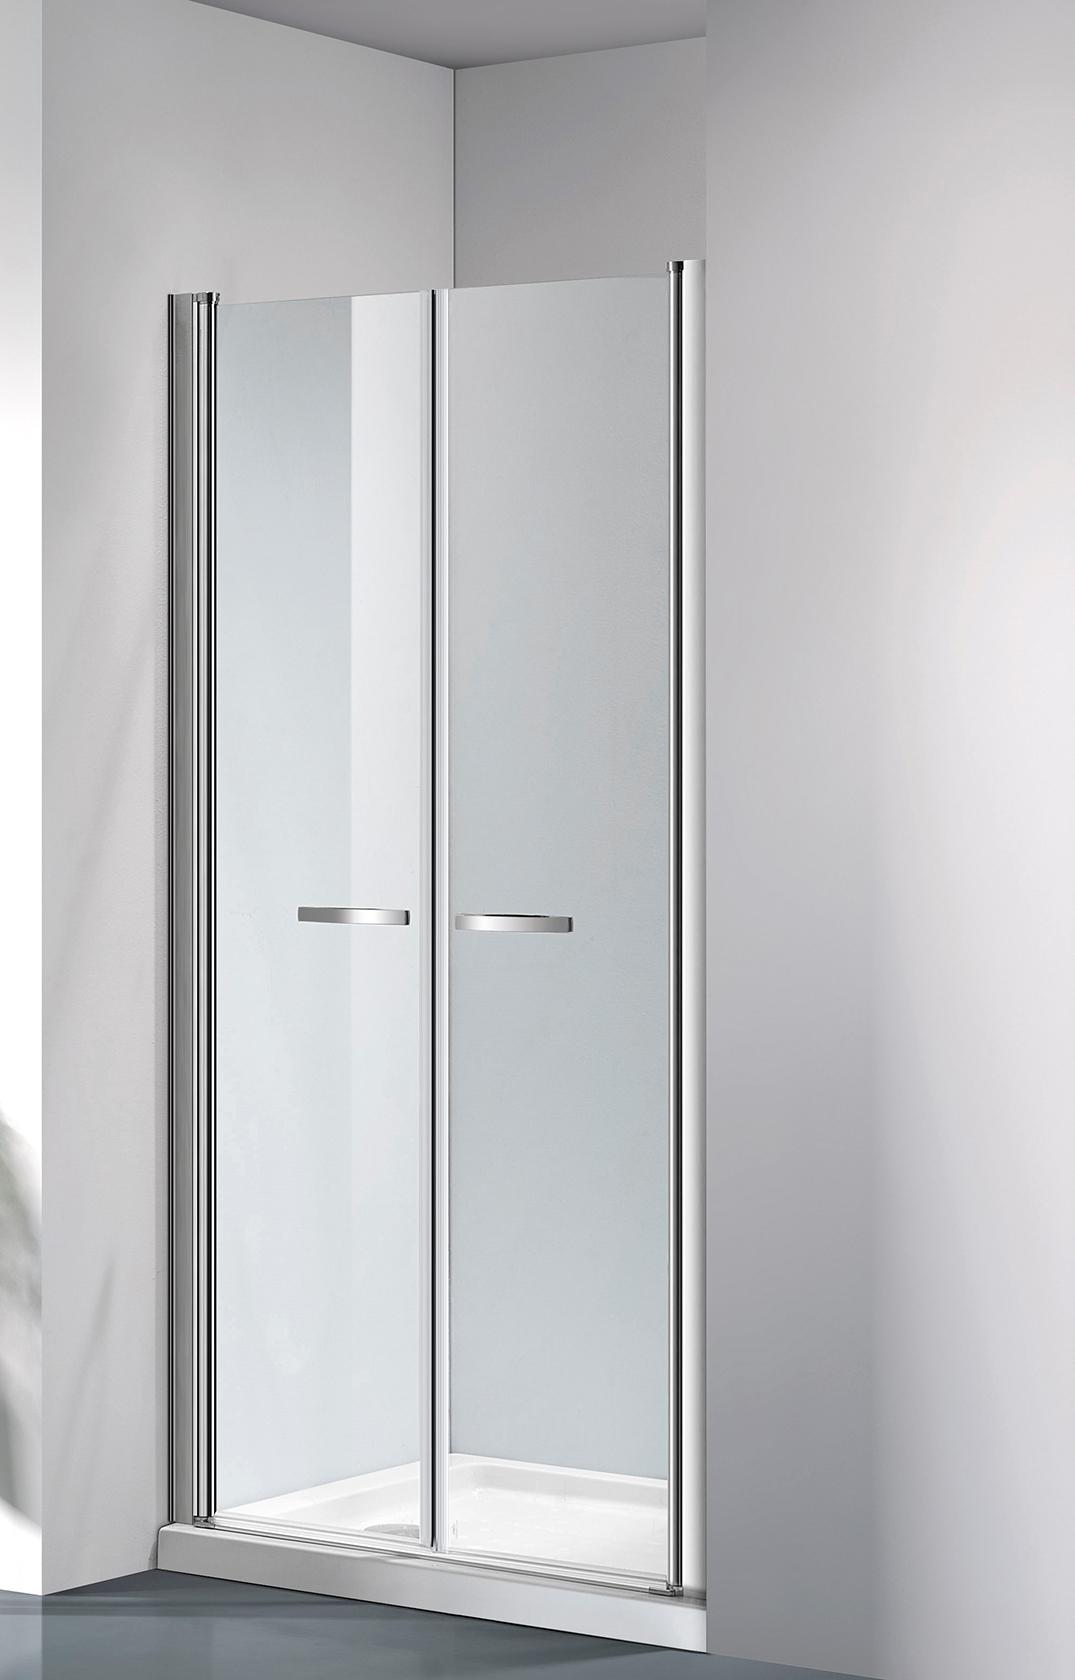 ARTTEC COMFORT 76 - 81 clear Sprchové dveře do niky PAN04461